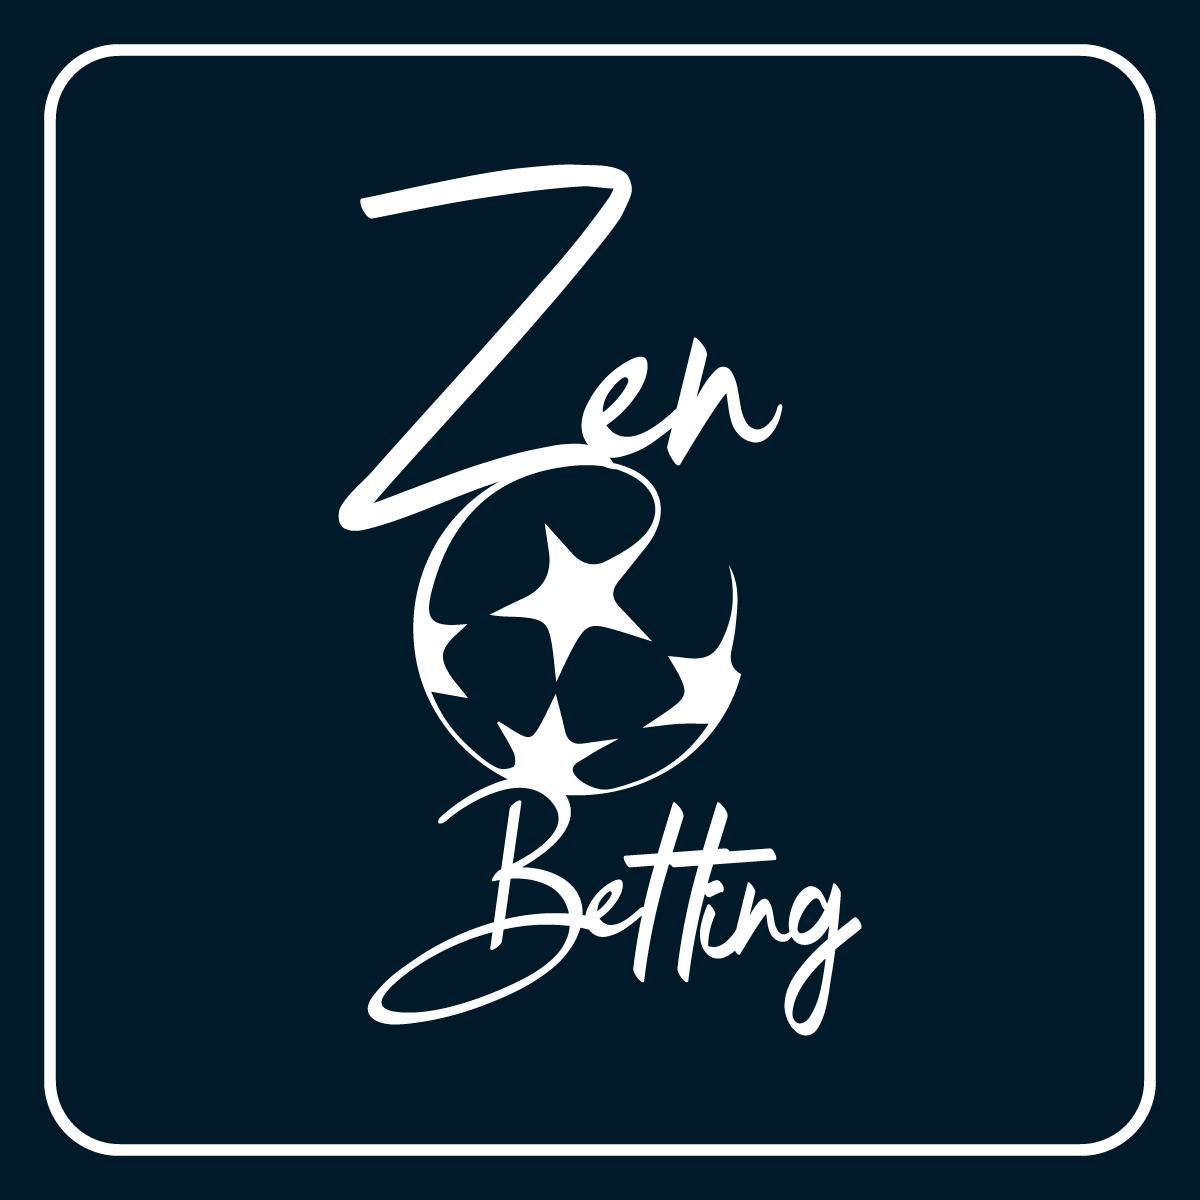 Zen Betting image